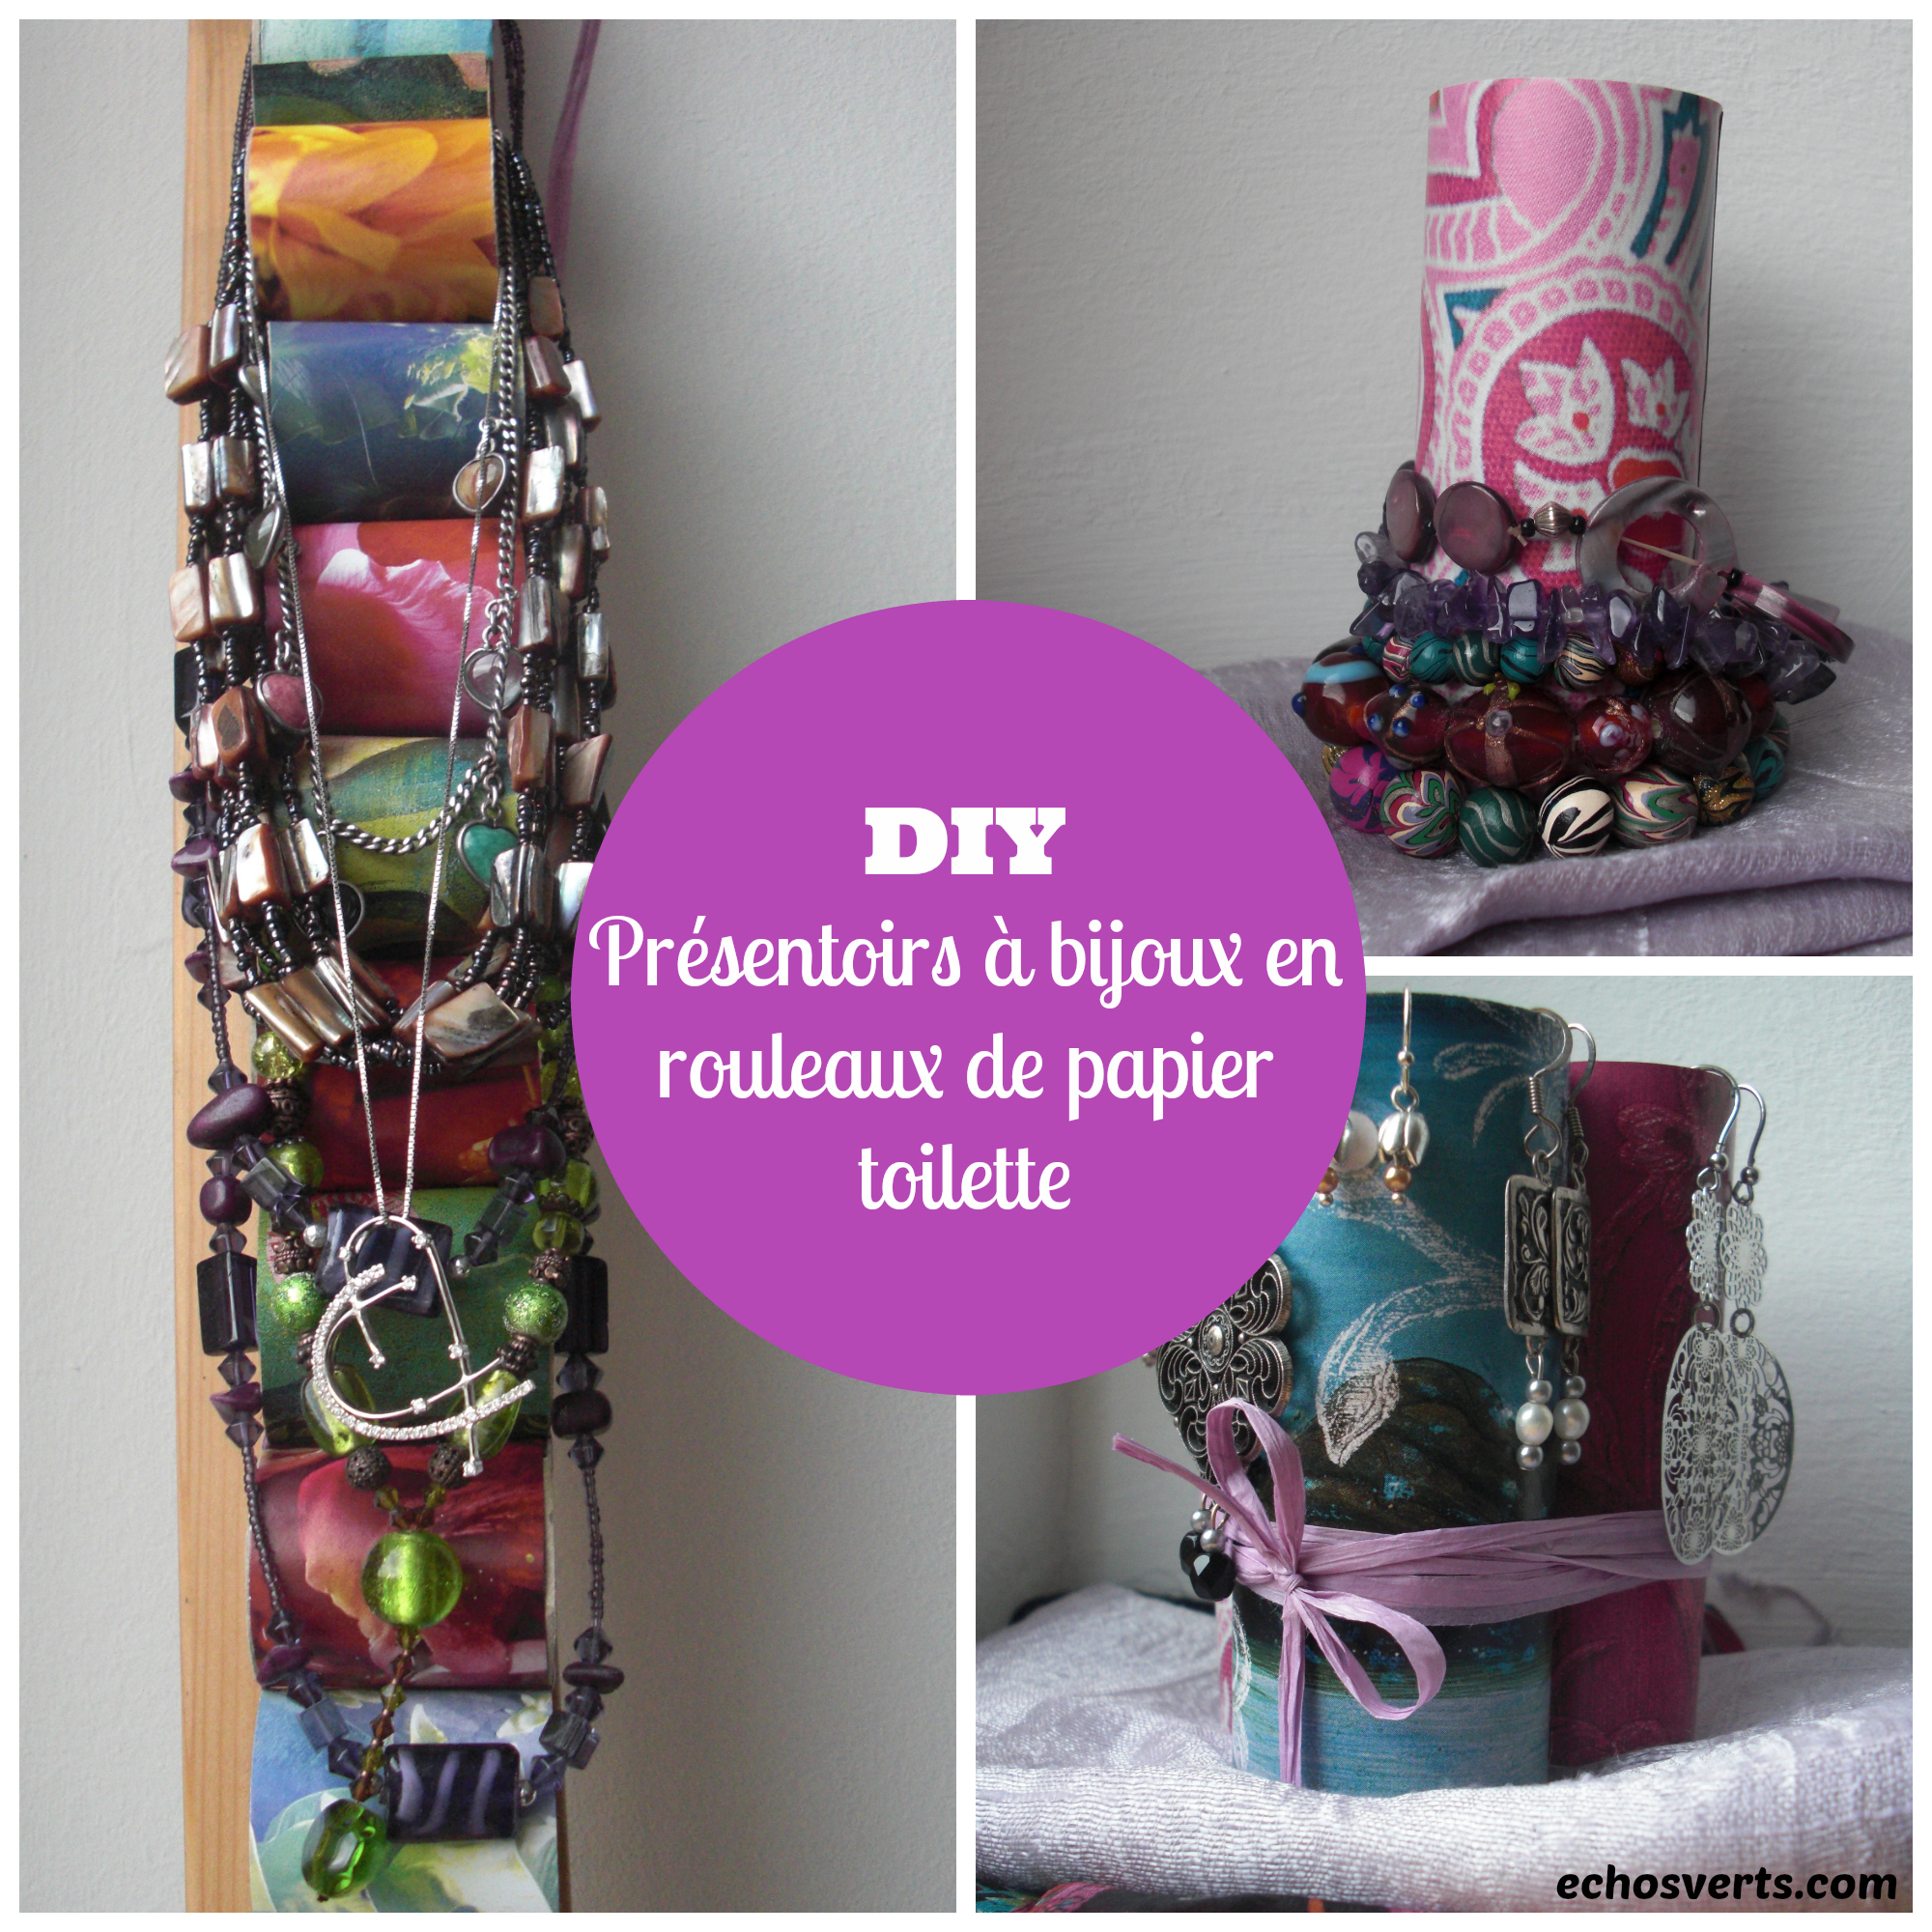 Diy pr sentoirs bijoux en rouleaux de papier toilette - Idee avec rouleau papier toilette ...